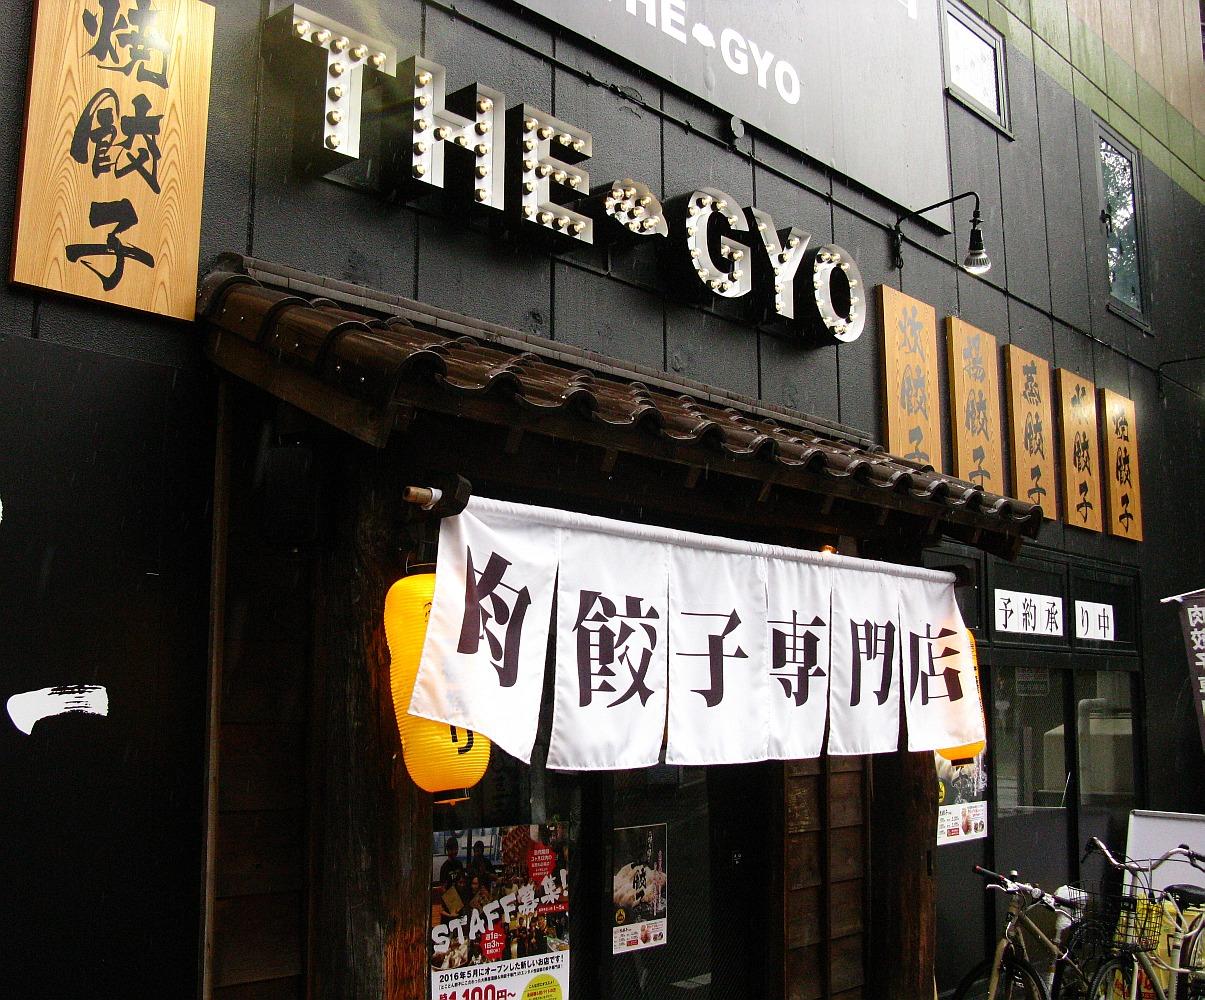 2017_04_11名駅:肉餃子専門店 THE-GYO08